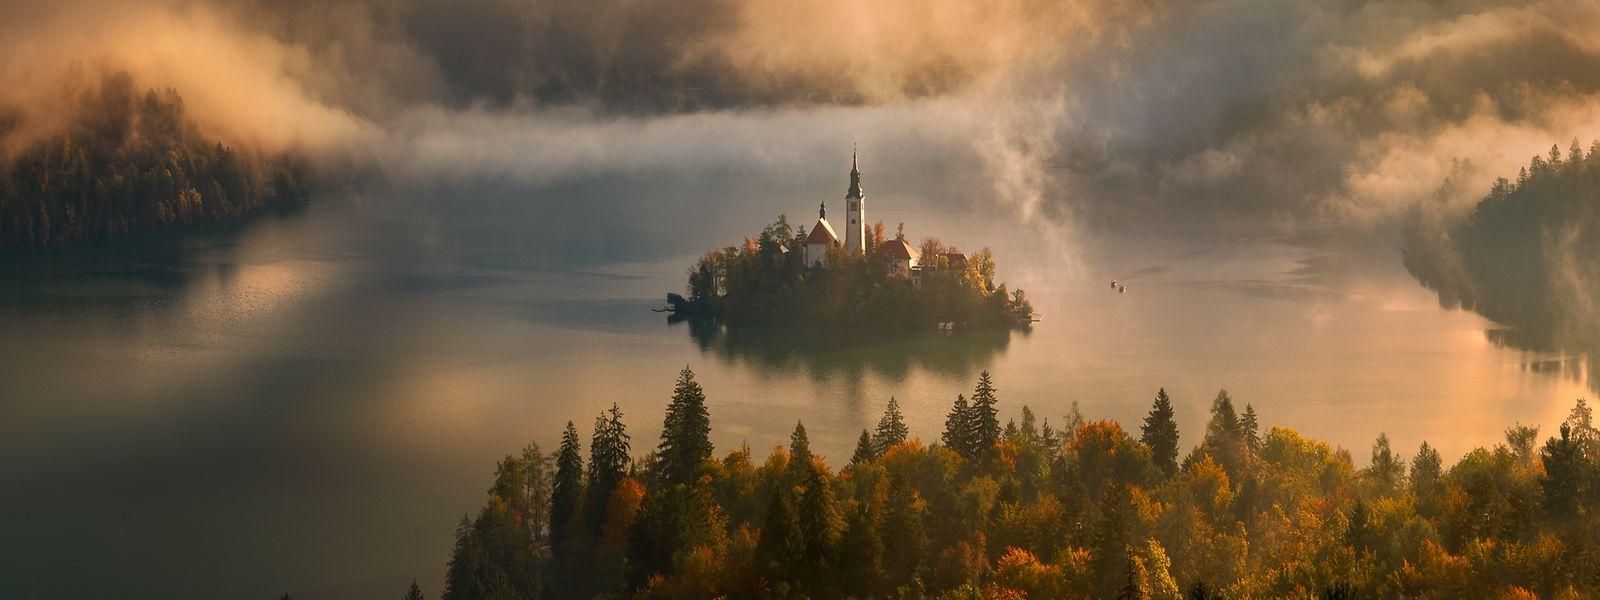 Licht und Schatten, Atmosphäre und Sehnsucht: So könnte der Titel zu diesem Foto lauten.